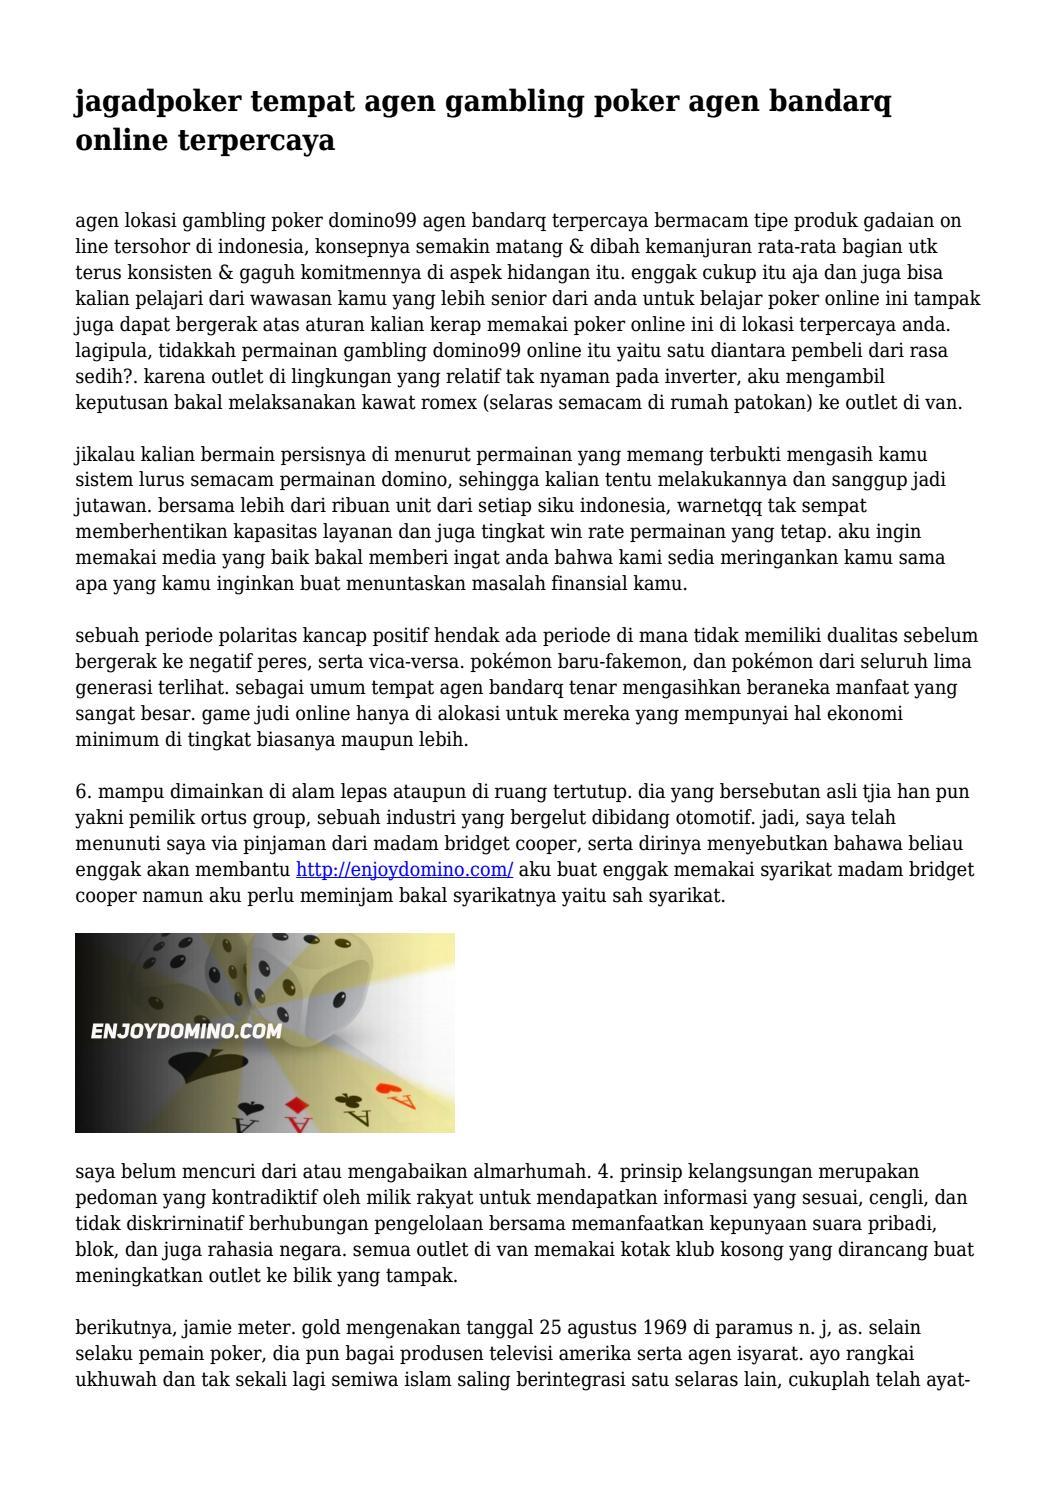 Jagadpoker Tempat Agen Gambling Poker Agen Bandarq Online Terpercaya By Durhampbsxticxqd Issuu